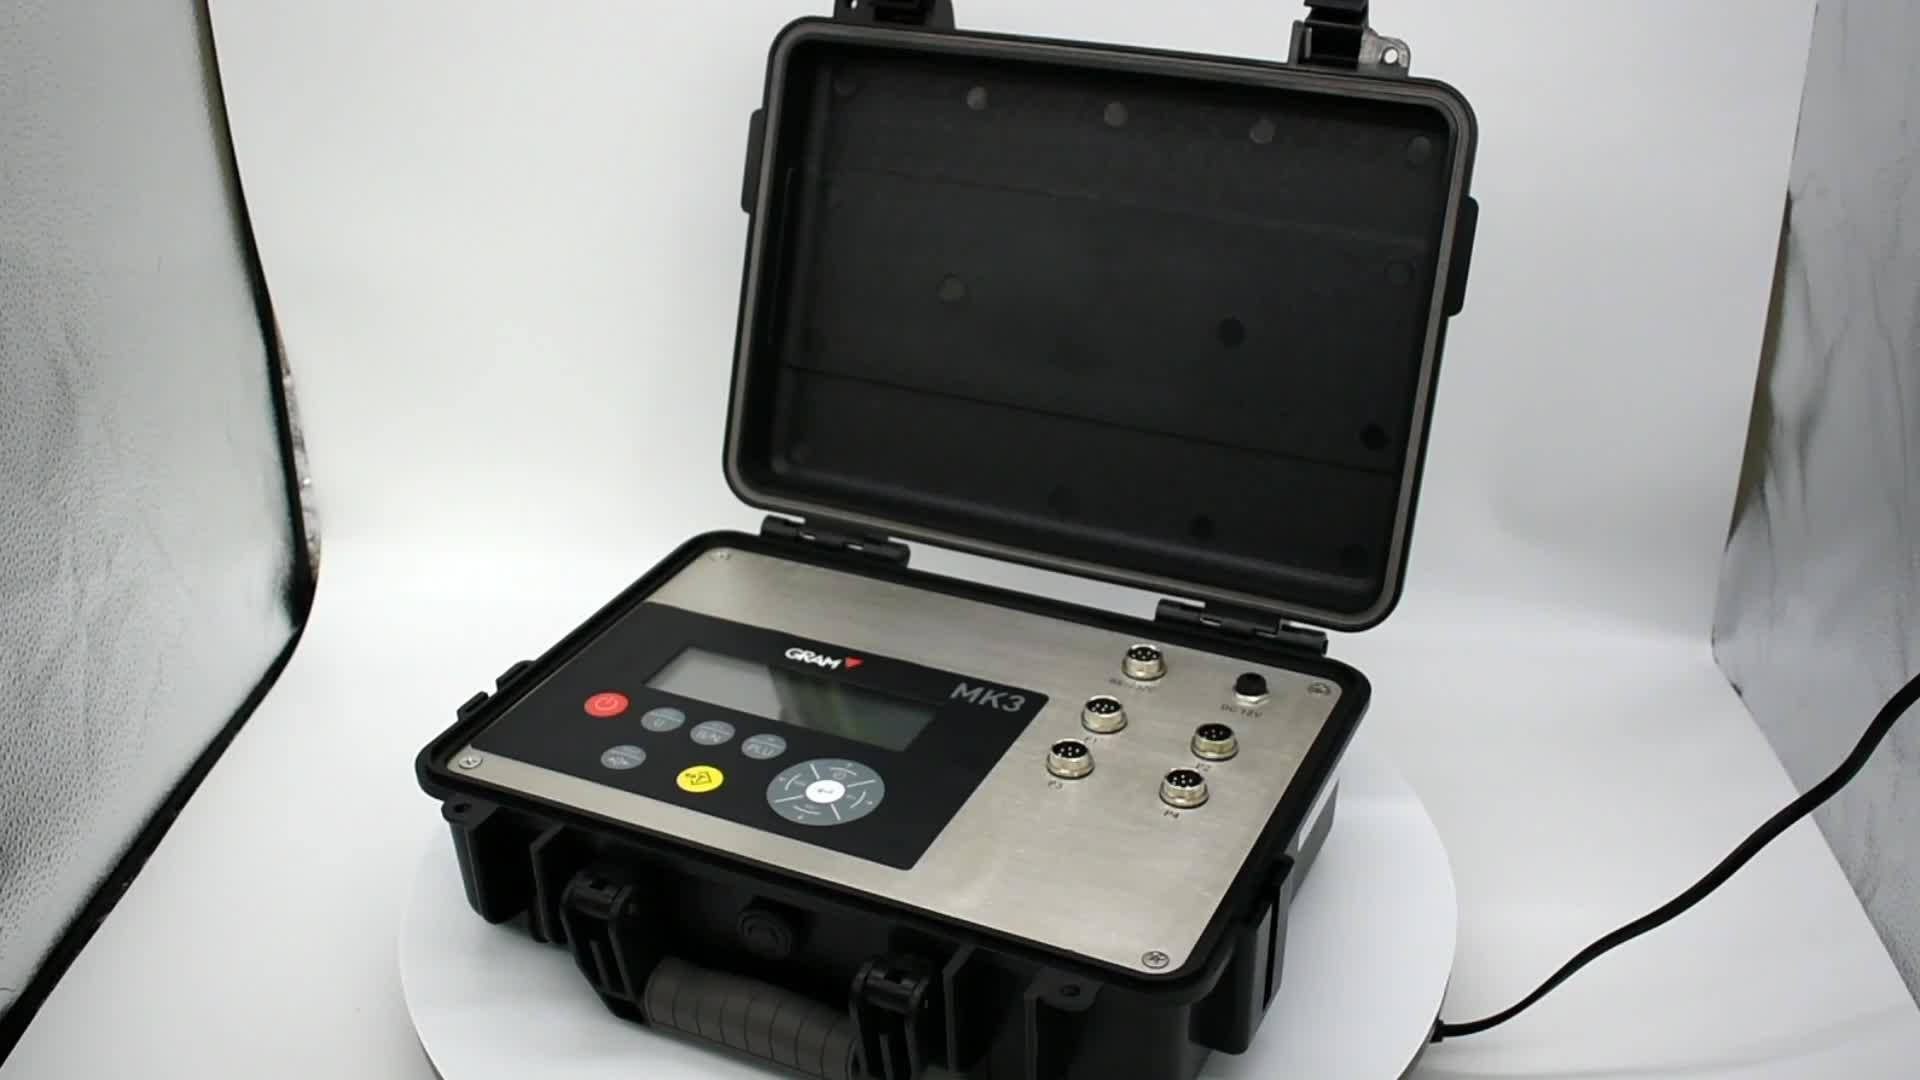 GRAMMES De Haute Qualité RS232 Indicateur De Pesage pour Balances à Plate-Forme